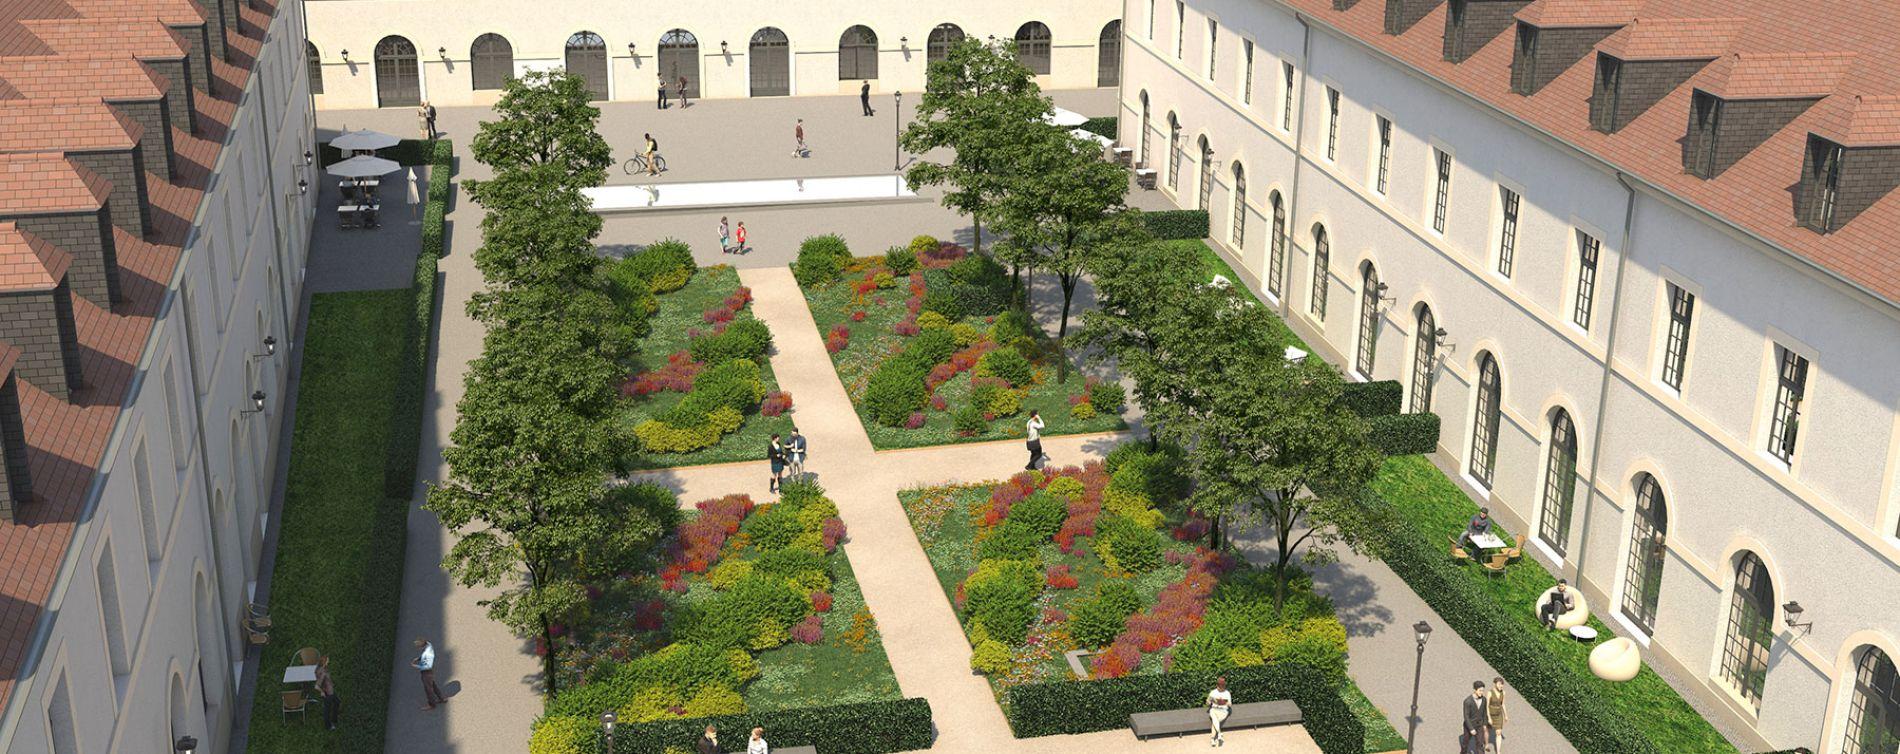 Résidence Cour des Cavaliers à Compiègne